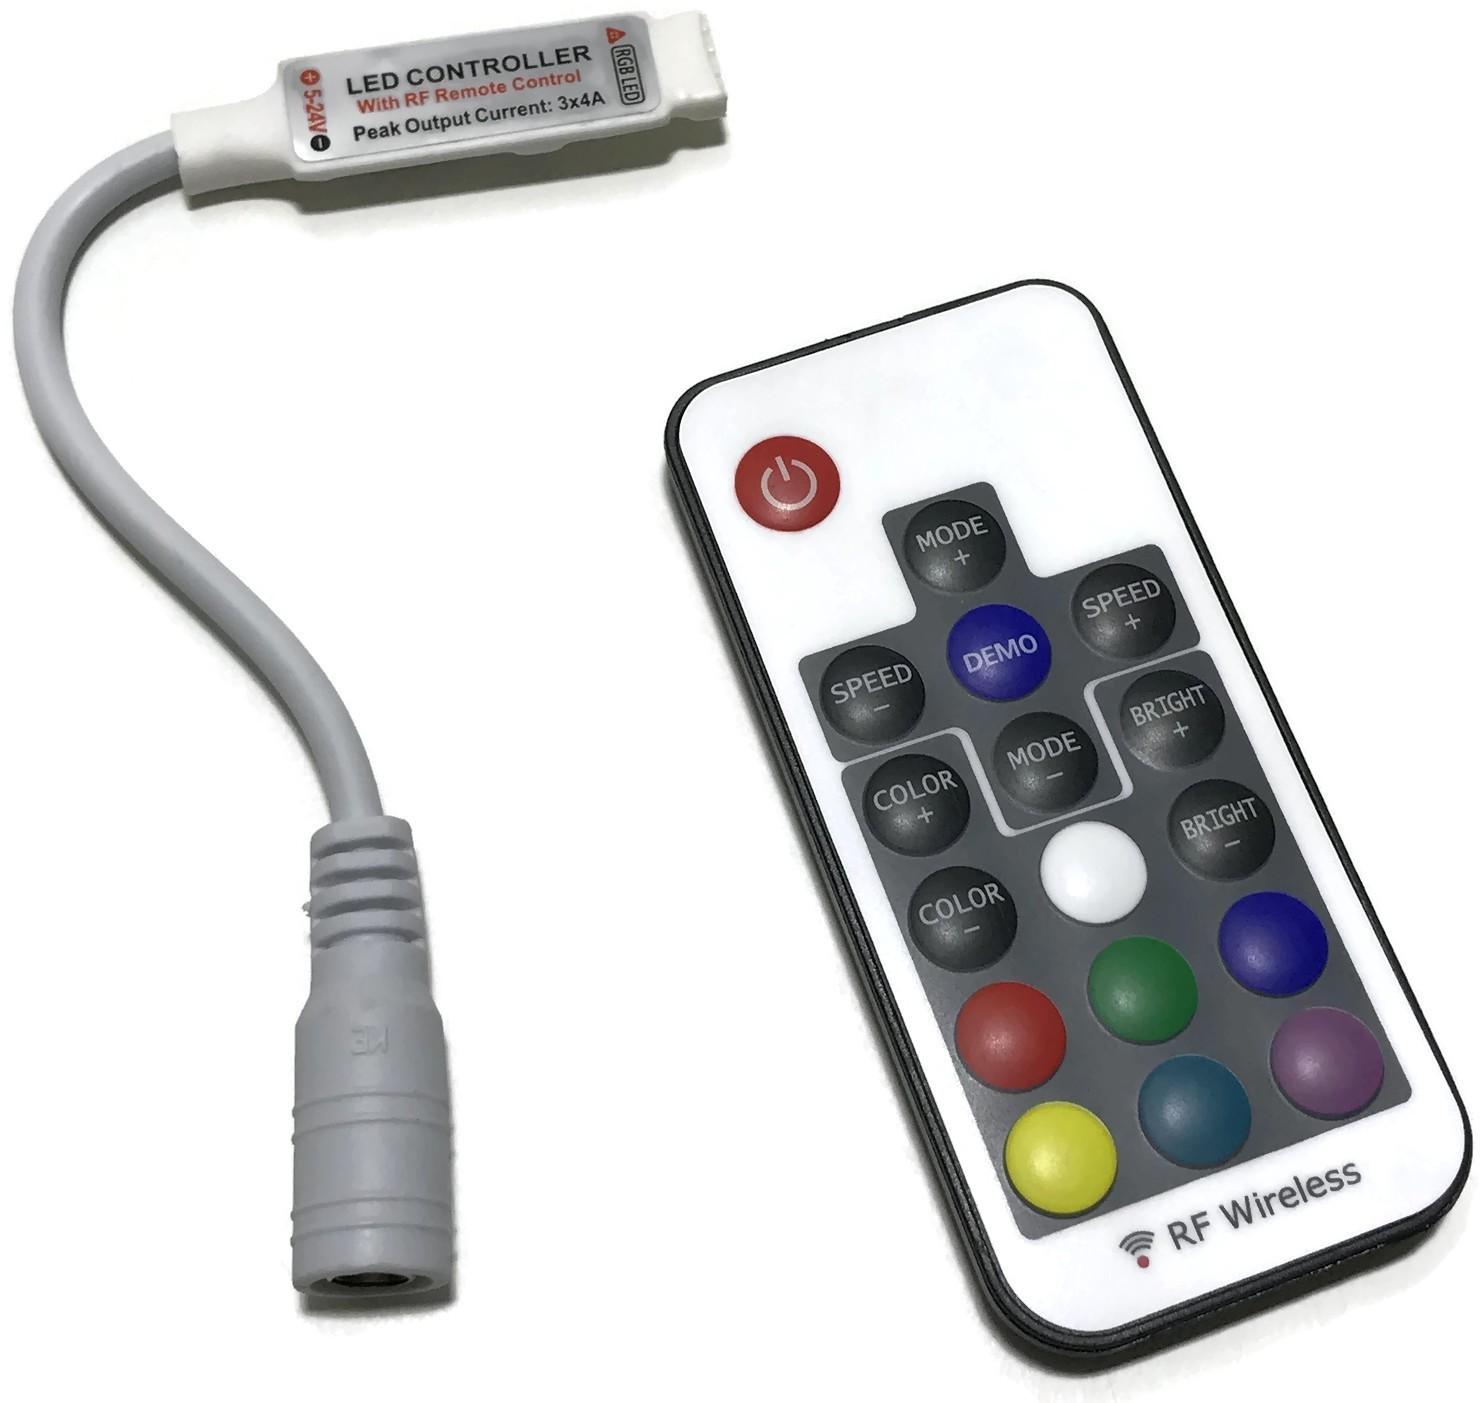 STEROWNIK KONTROLER RGB LED RADIOWY MINI PILOT 12V